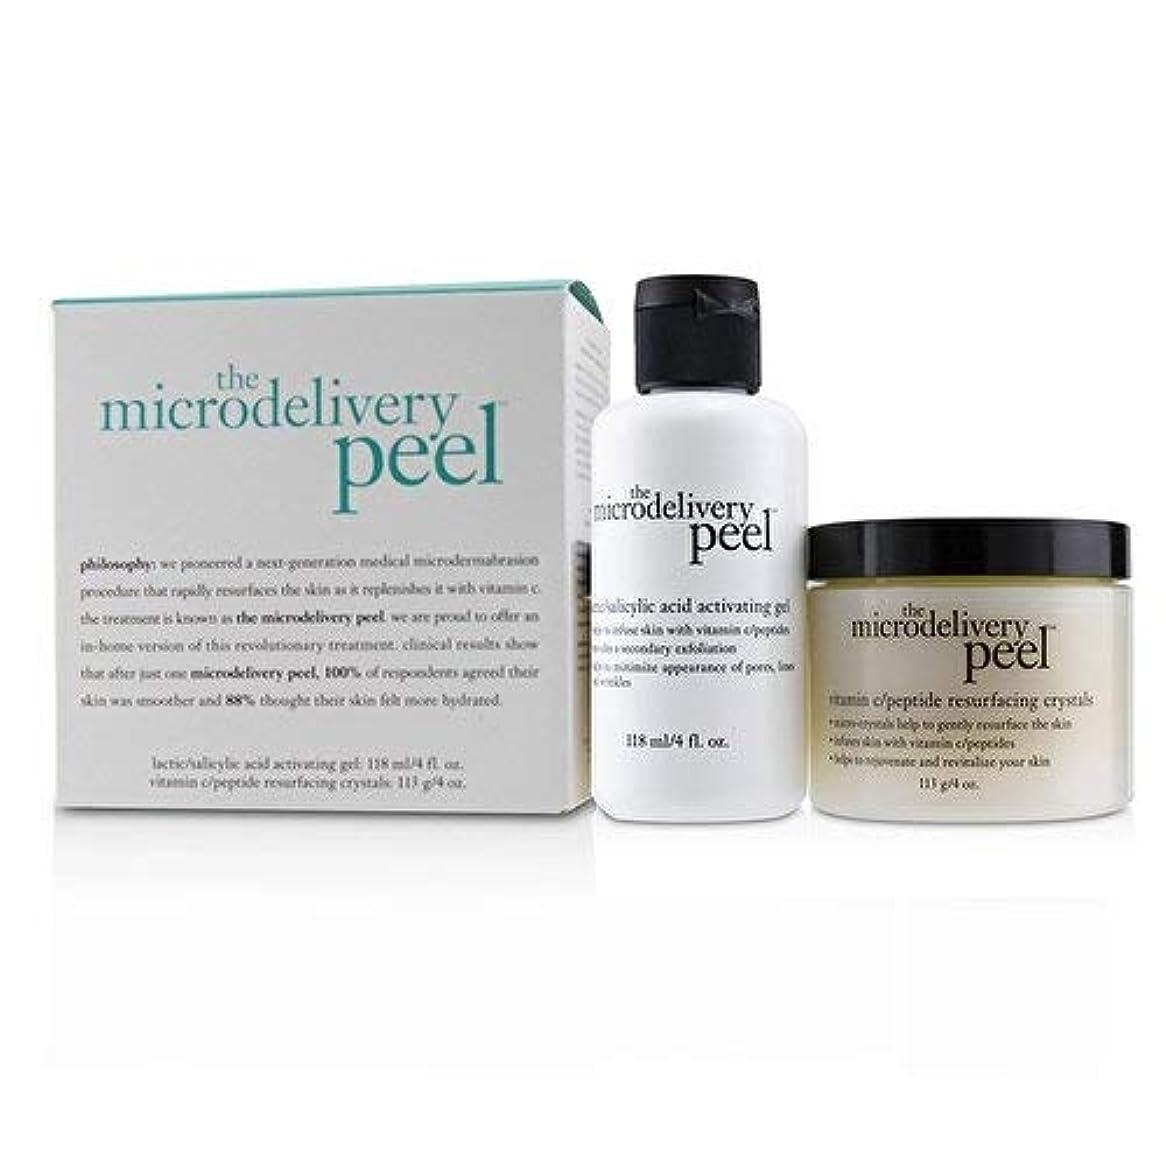 ひねりトランスペアレントアルミニウムフィロソフィー The Microdelivery Peel: Lactic/Salicylic Acid Activating Gel 118ml + Vitamin C/Peptide Resurfacing Crystals 2pcs並行輸入品